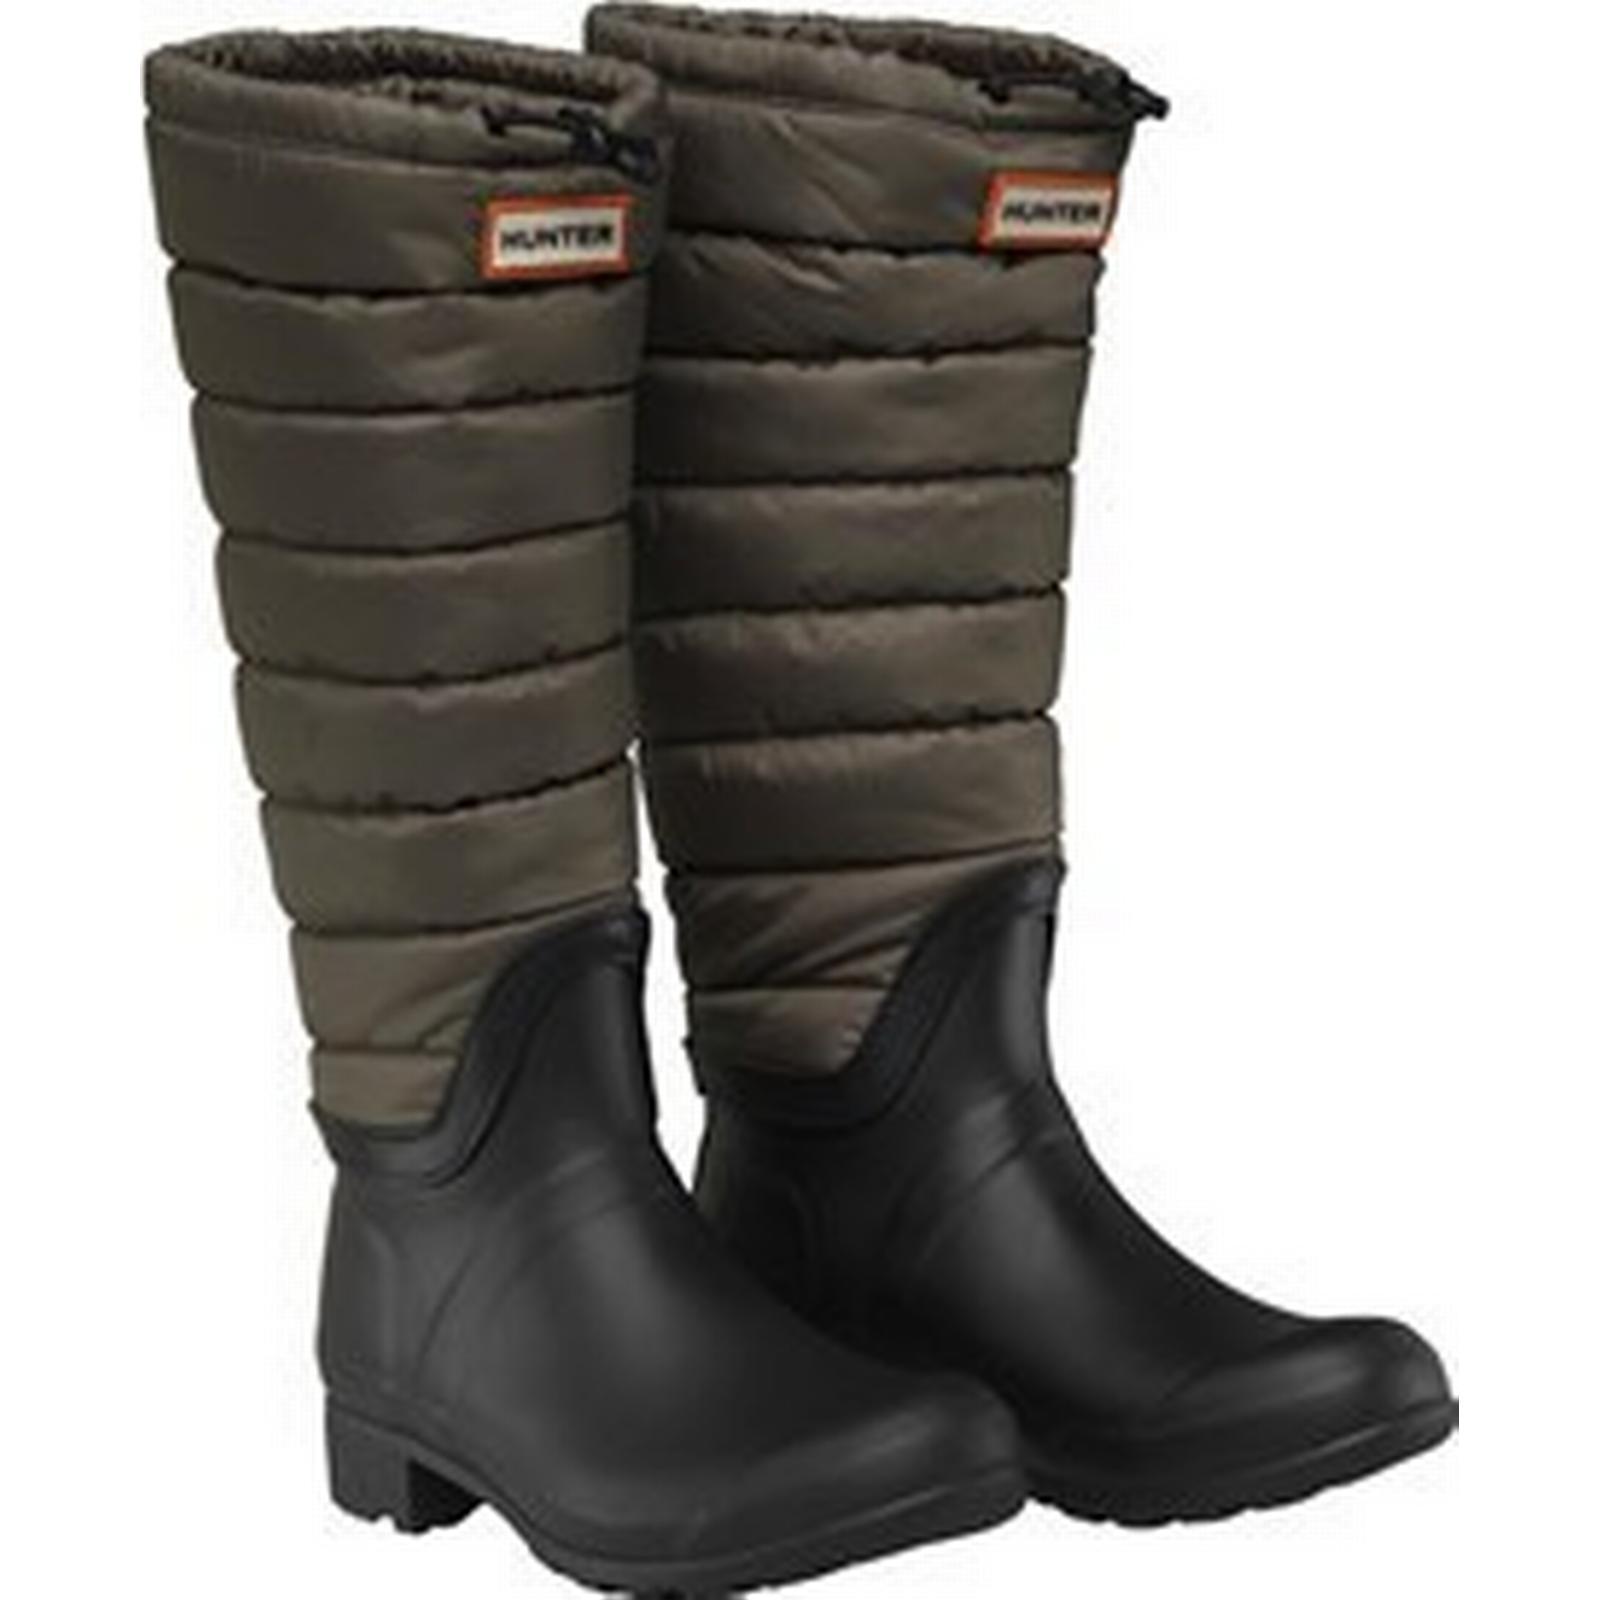 Hunter Original Womens Original Hunter Tall Quilted Leg Wellington Boots Swamp Green/Black 372da4